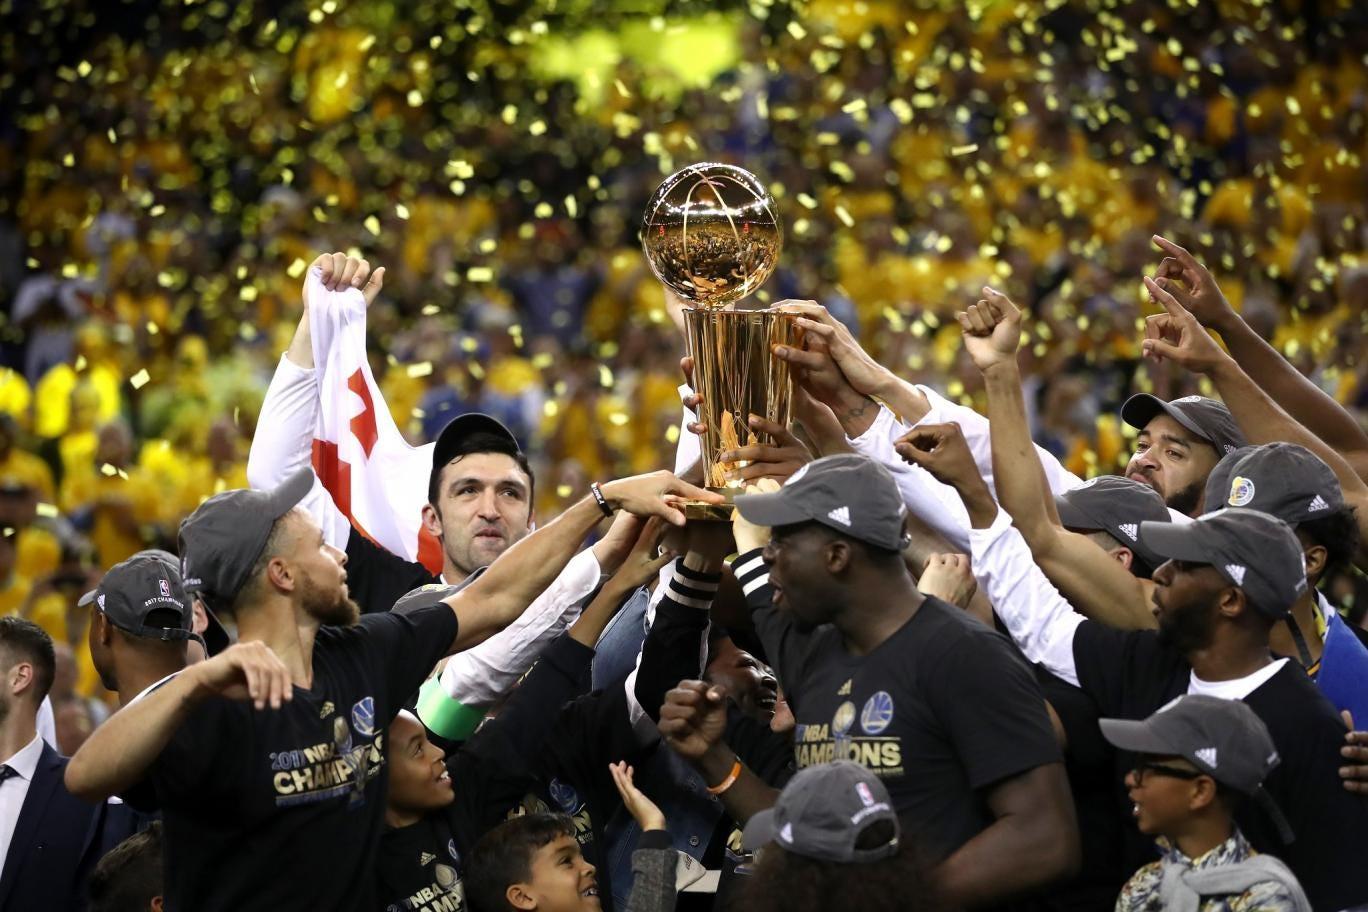 Pagaron más de 130.000 dólares para ver el quinto juego de Warriors – Cavaliers